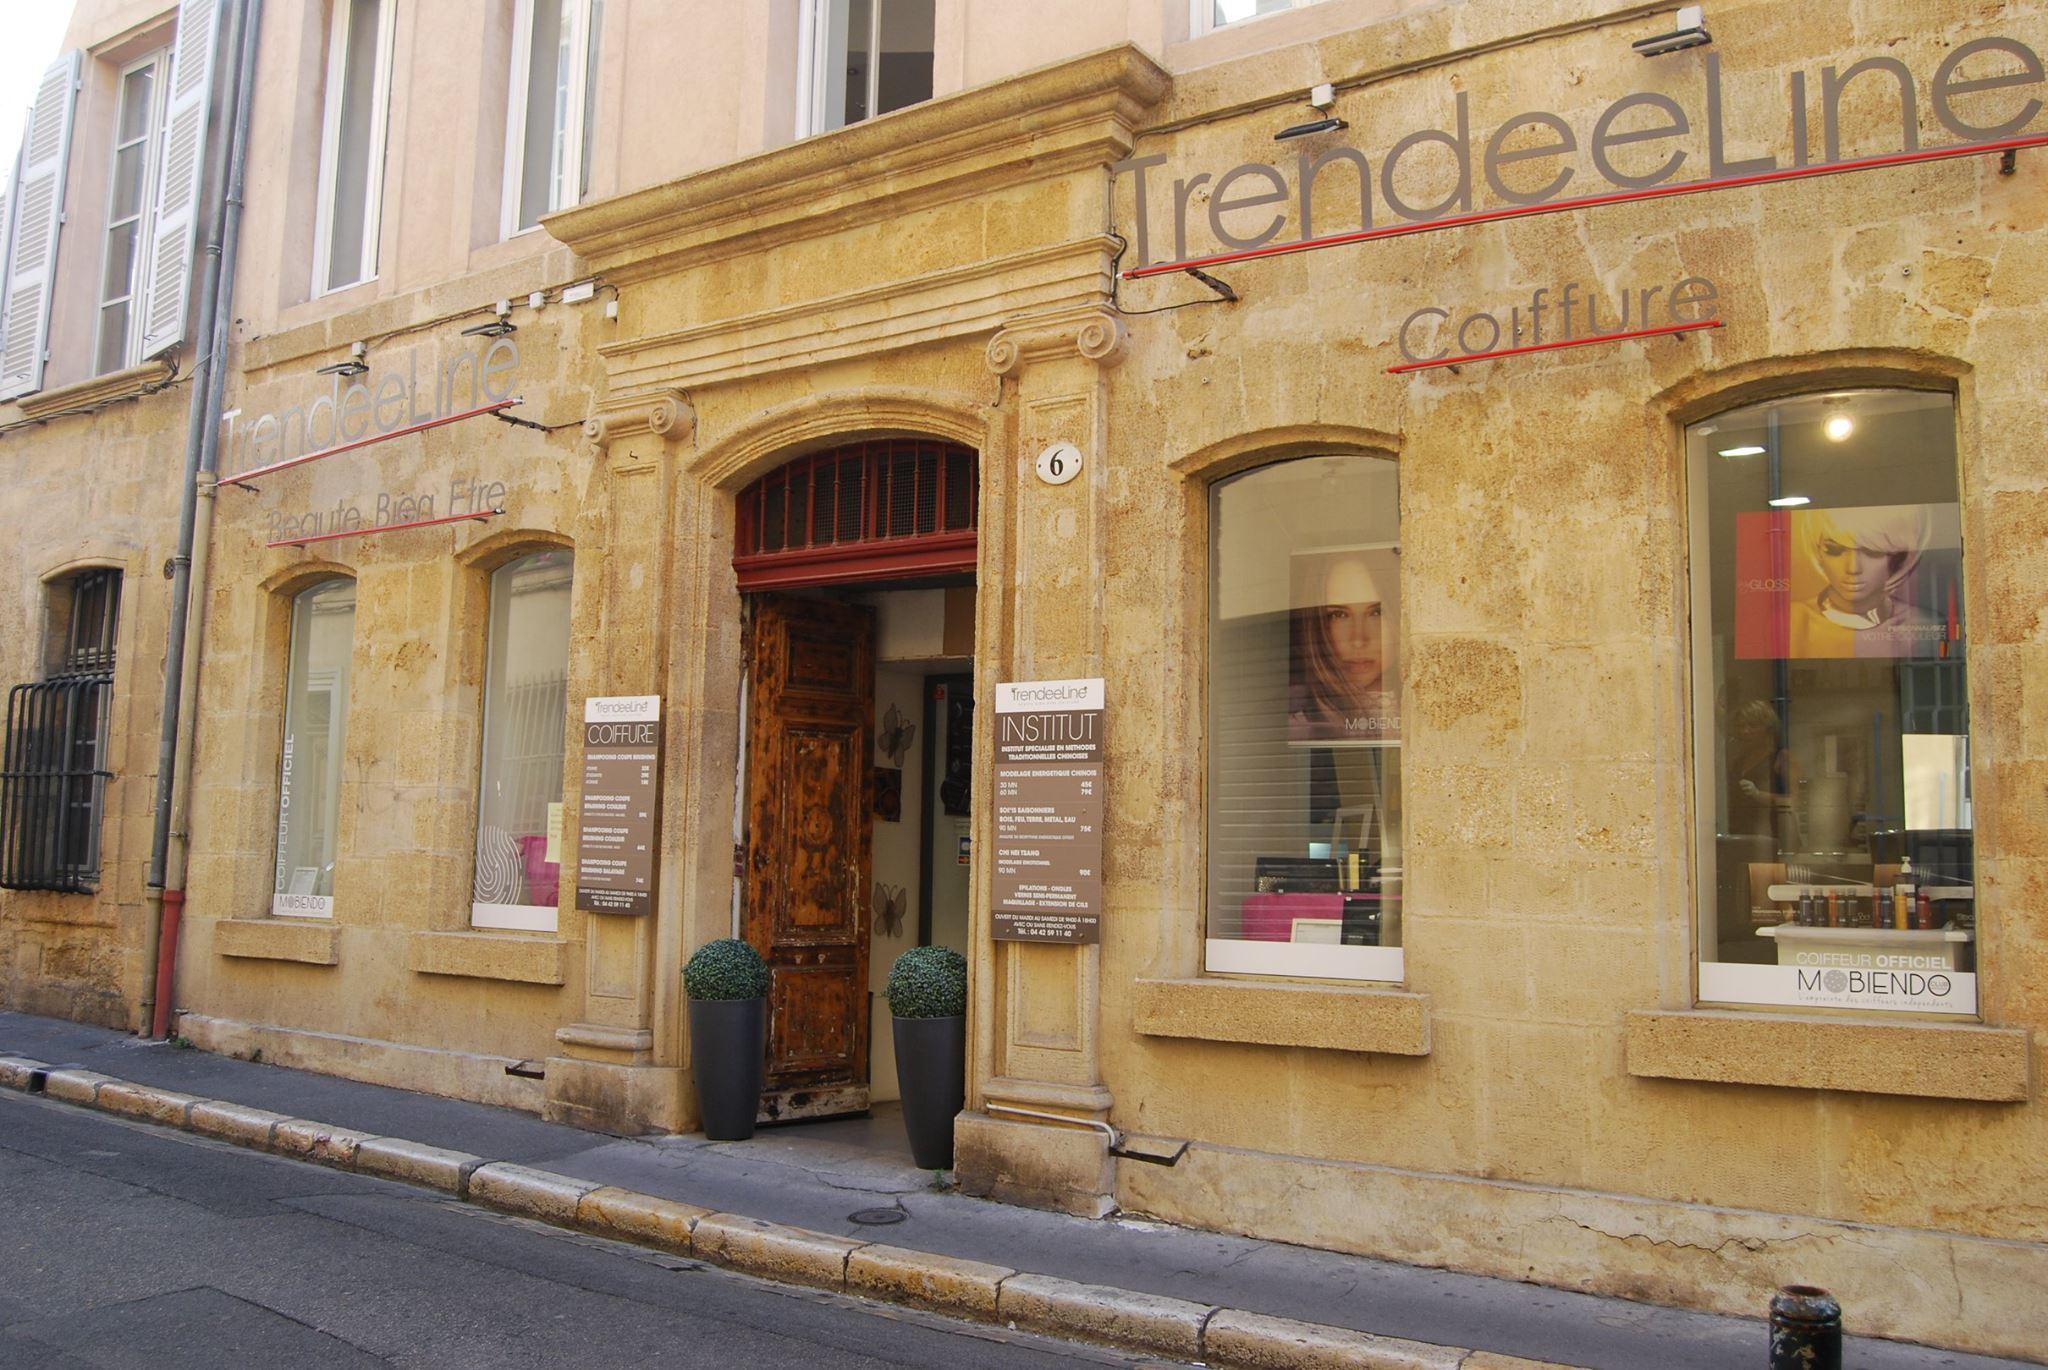 Salon de beaut trendeeline aix en provence mademois 39 ailes coco - Salon massage aix en provence ...